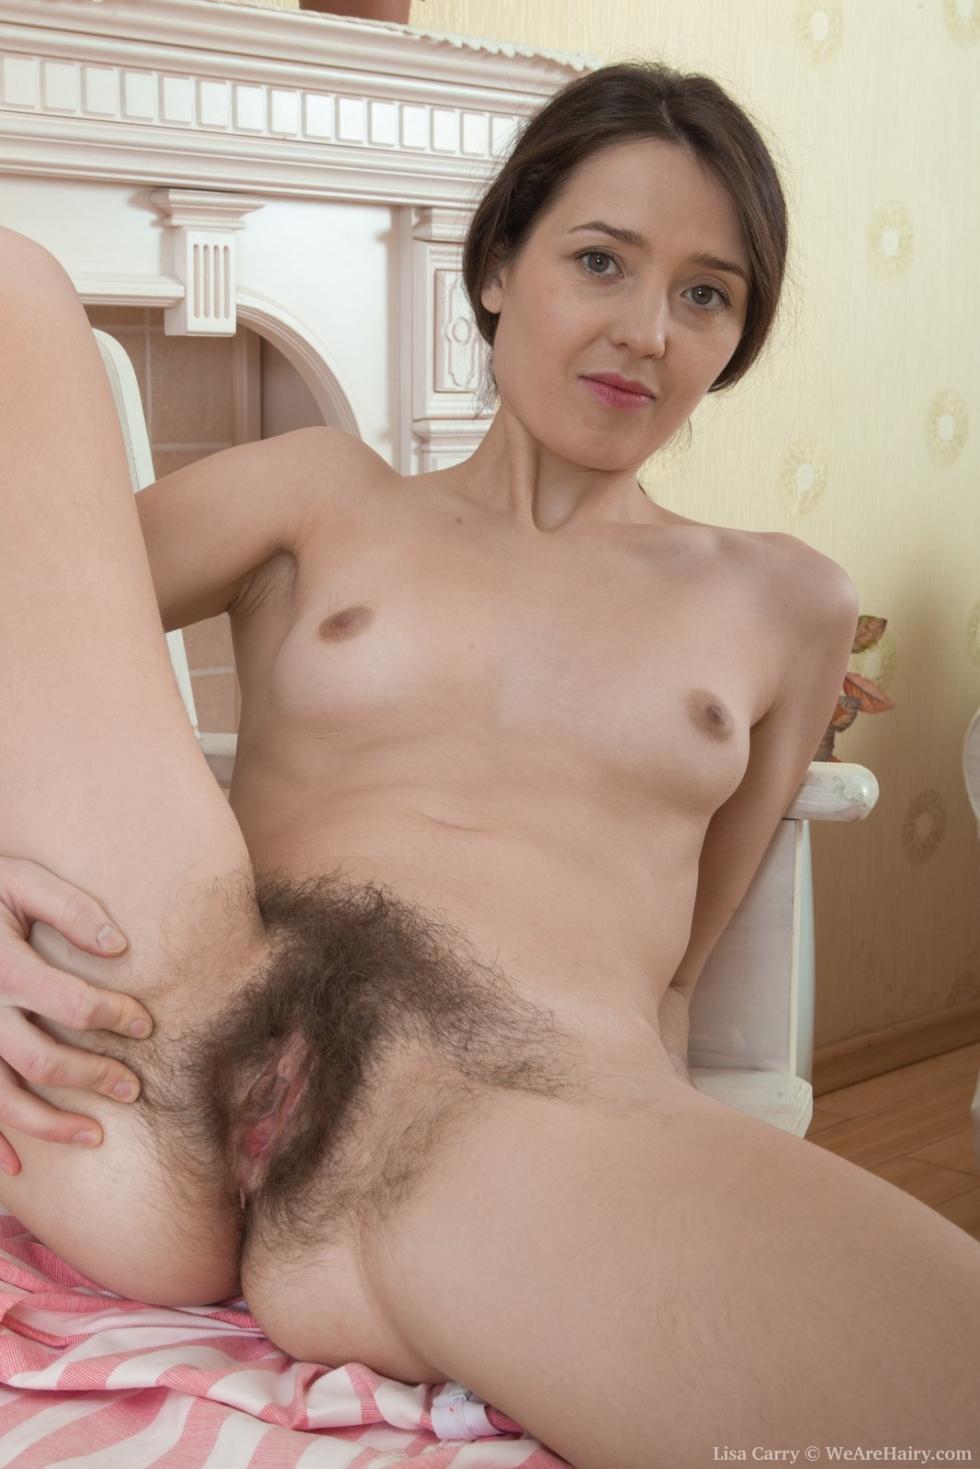 Liza Hairy Pussy 56